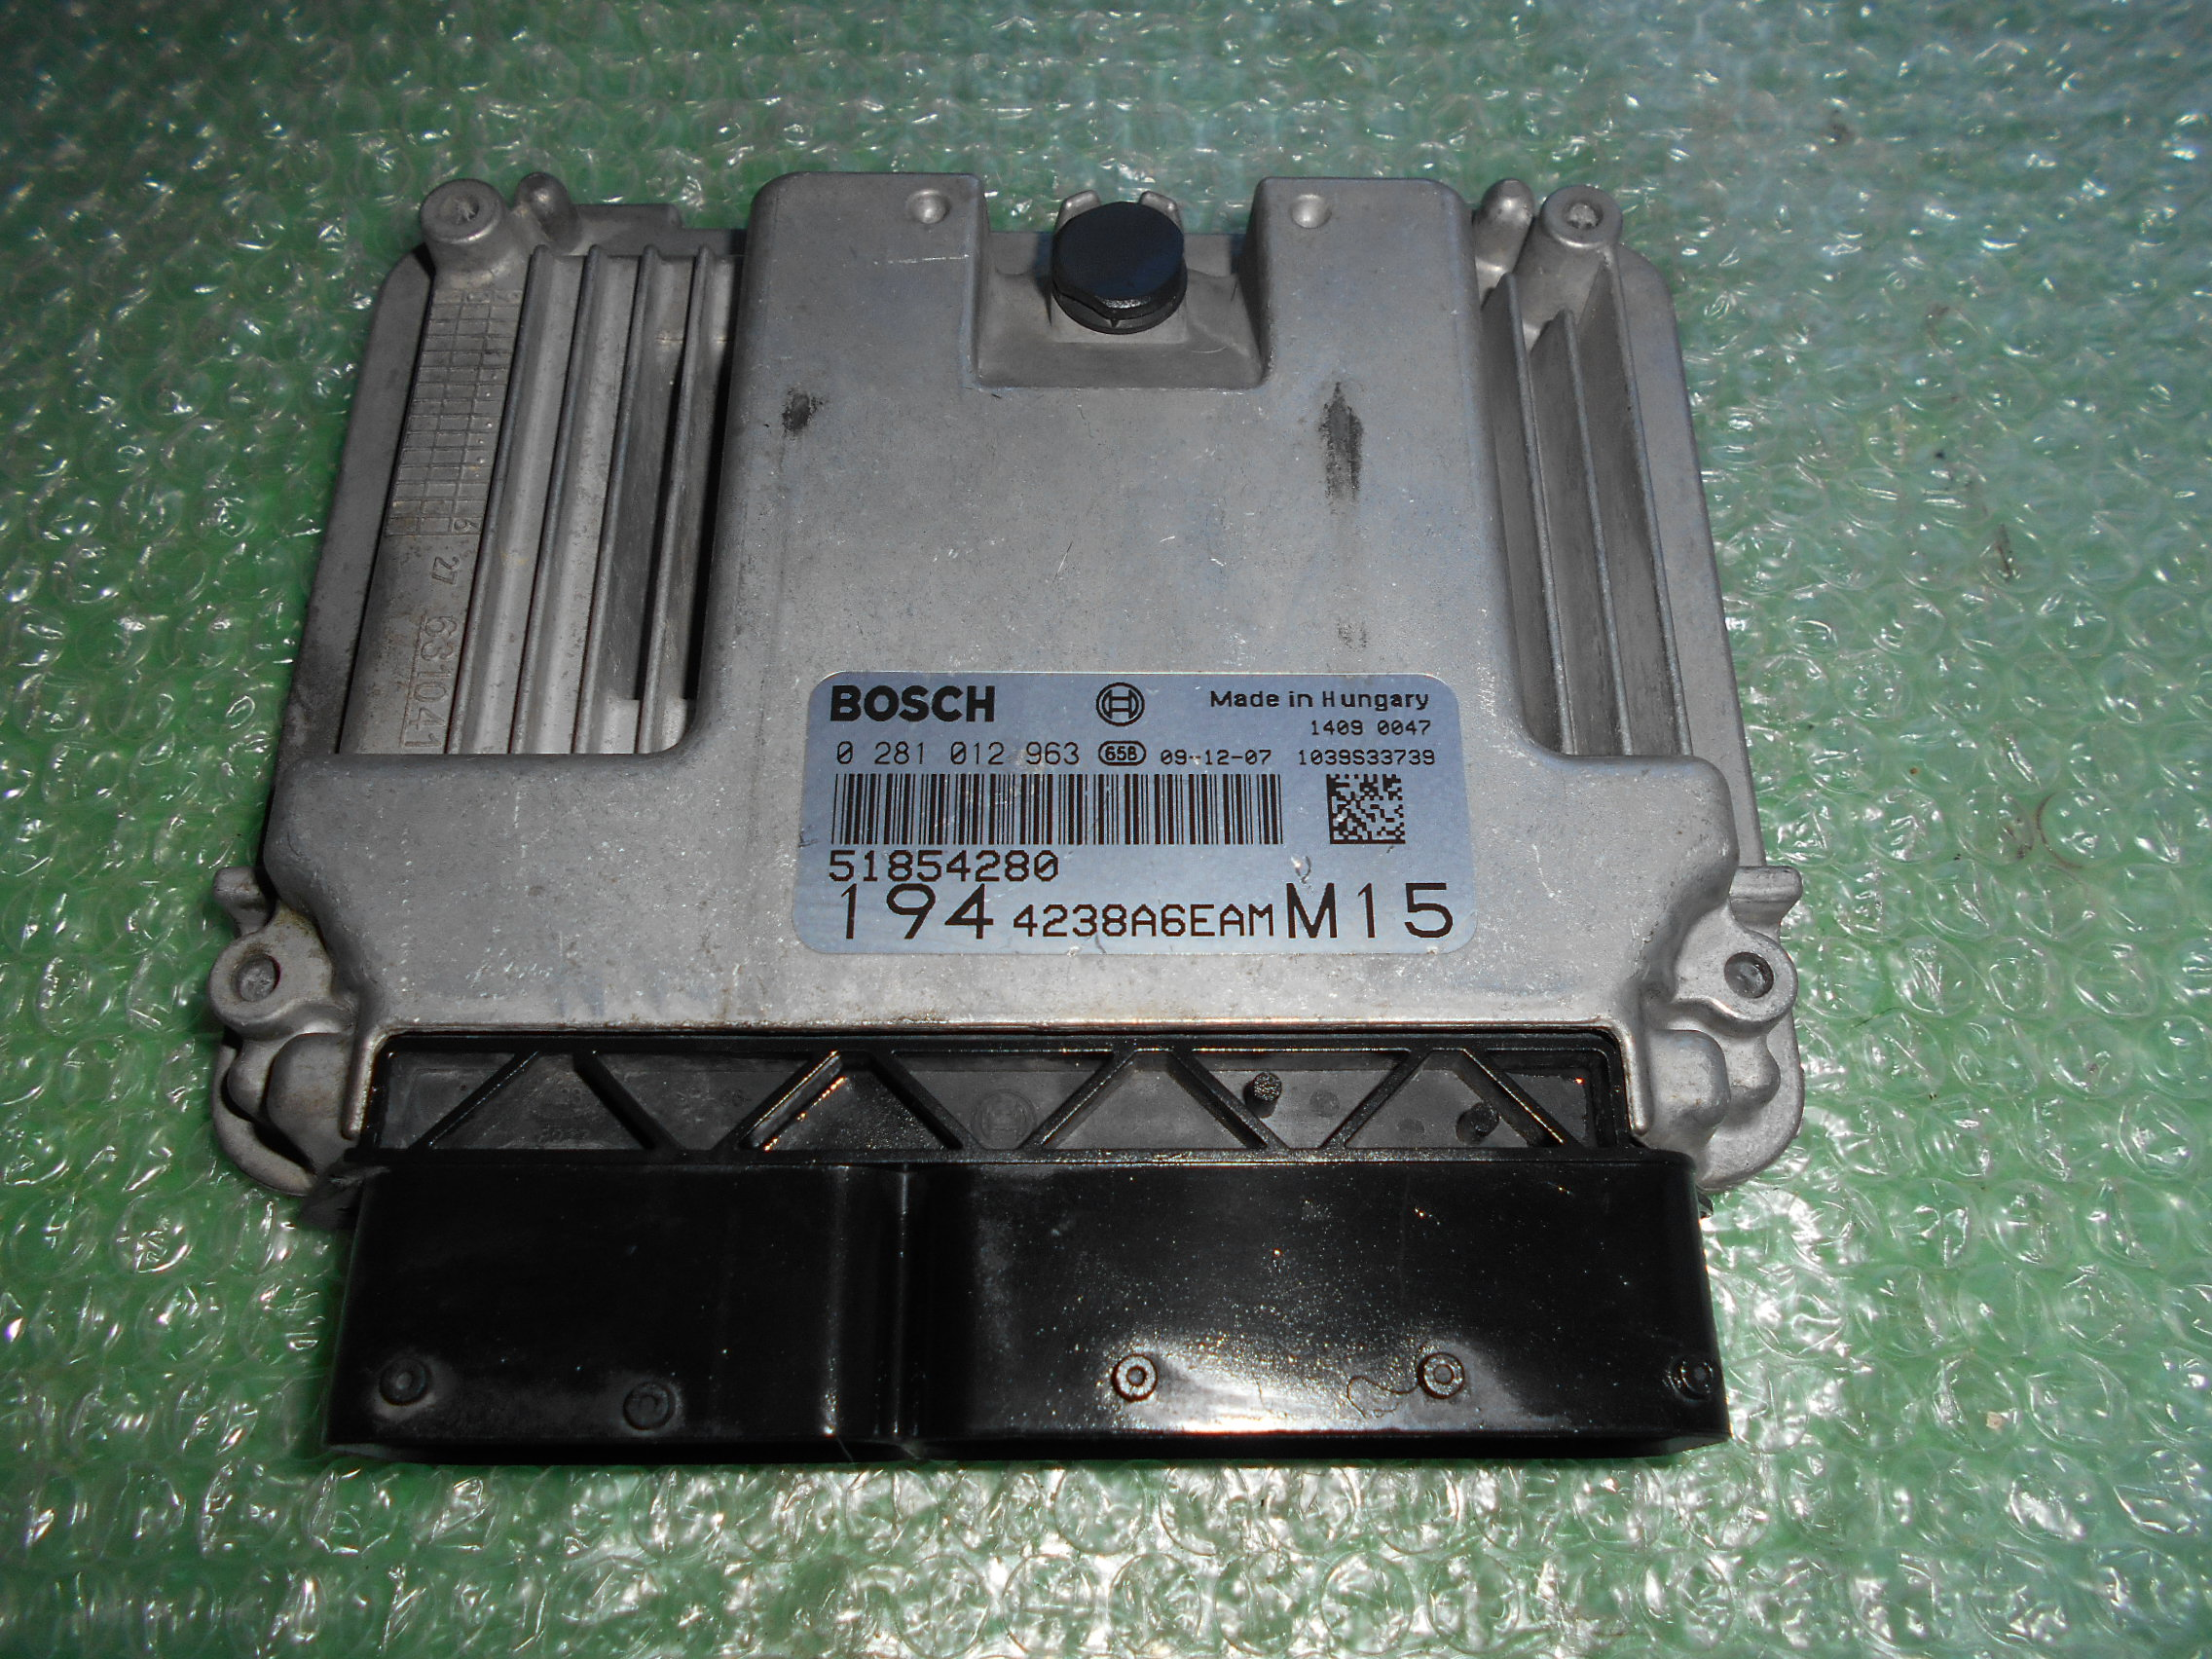 CENTRALITA UCE MOTOR 51854280 – 55205064 – BOSCH 0281012963 FIAT CROMA 1.9 JTD MULTIJET (150CV)(2005-2010)